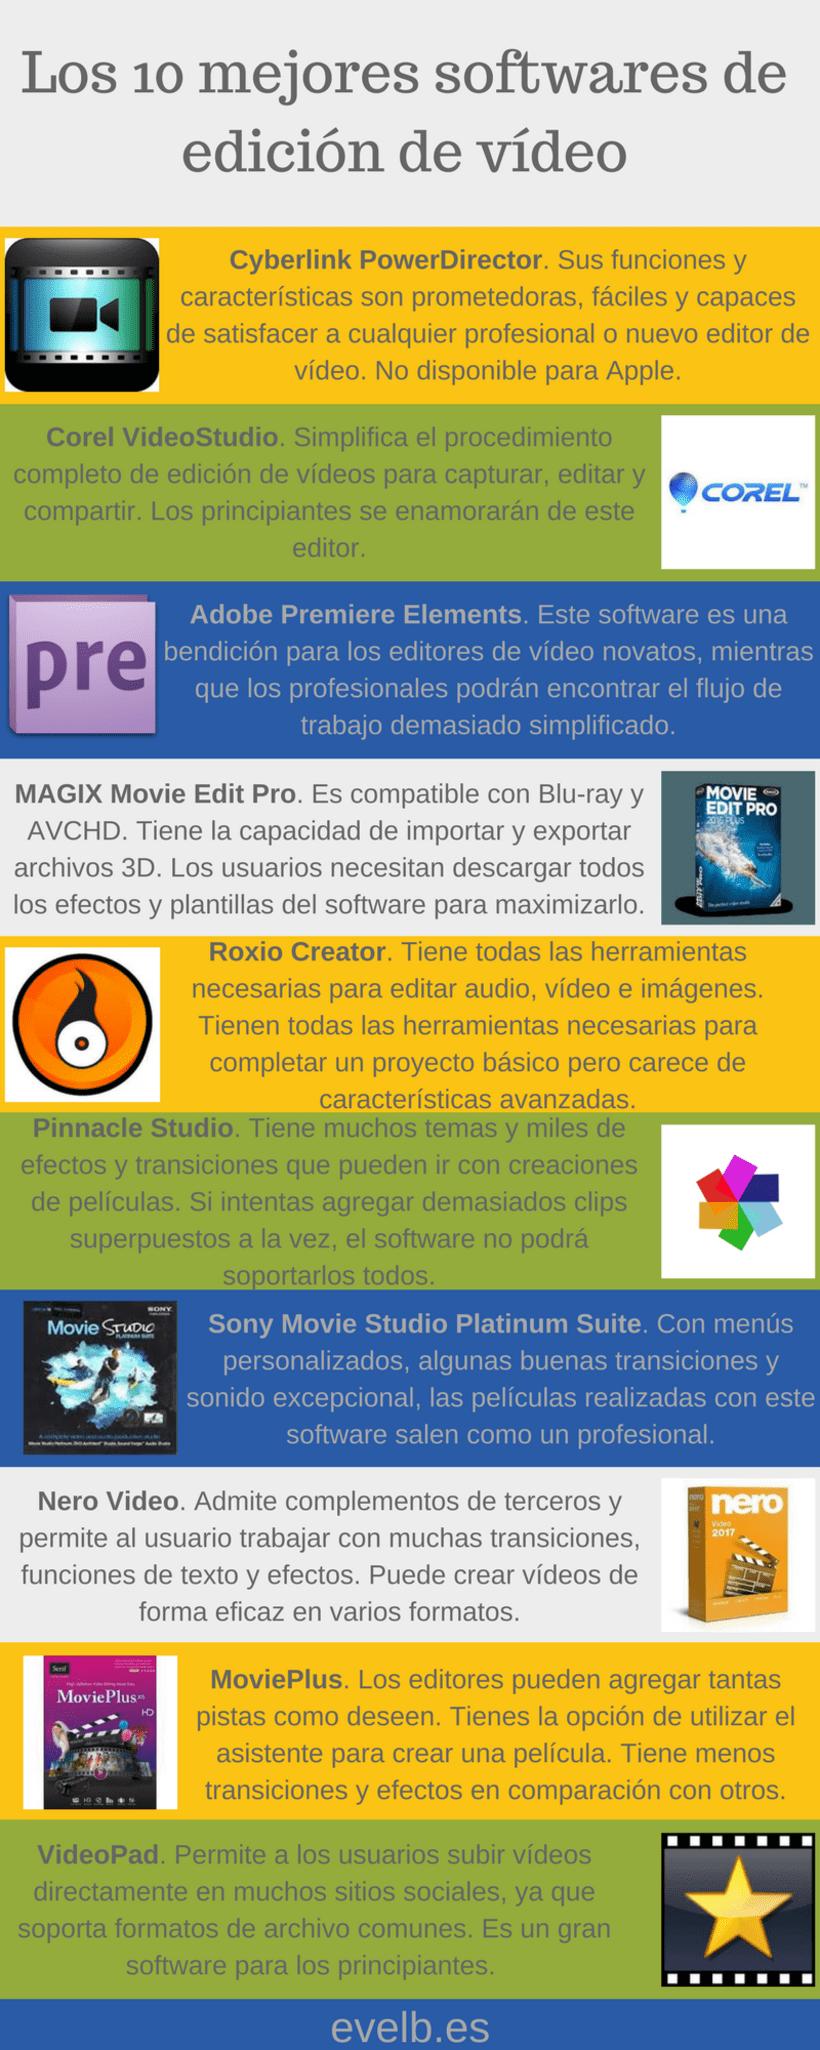 Infografías evelb.es 48